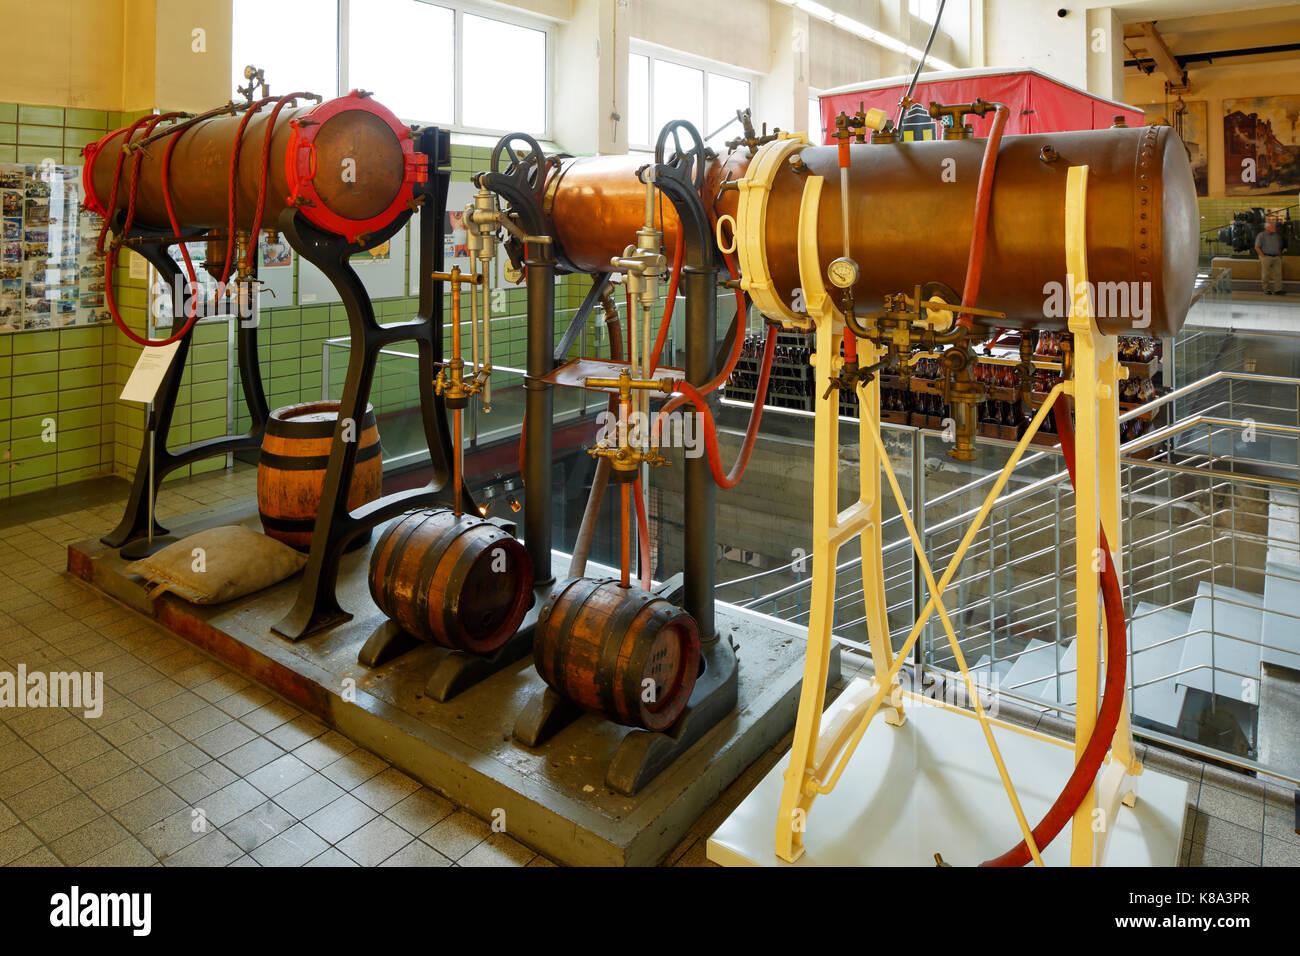 Route der Industriekultur, Isobarometer, Fassfueller mit Druckkessel und Armaturen im Brauereimuseum in Dortmund, - Stock Image